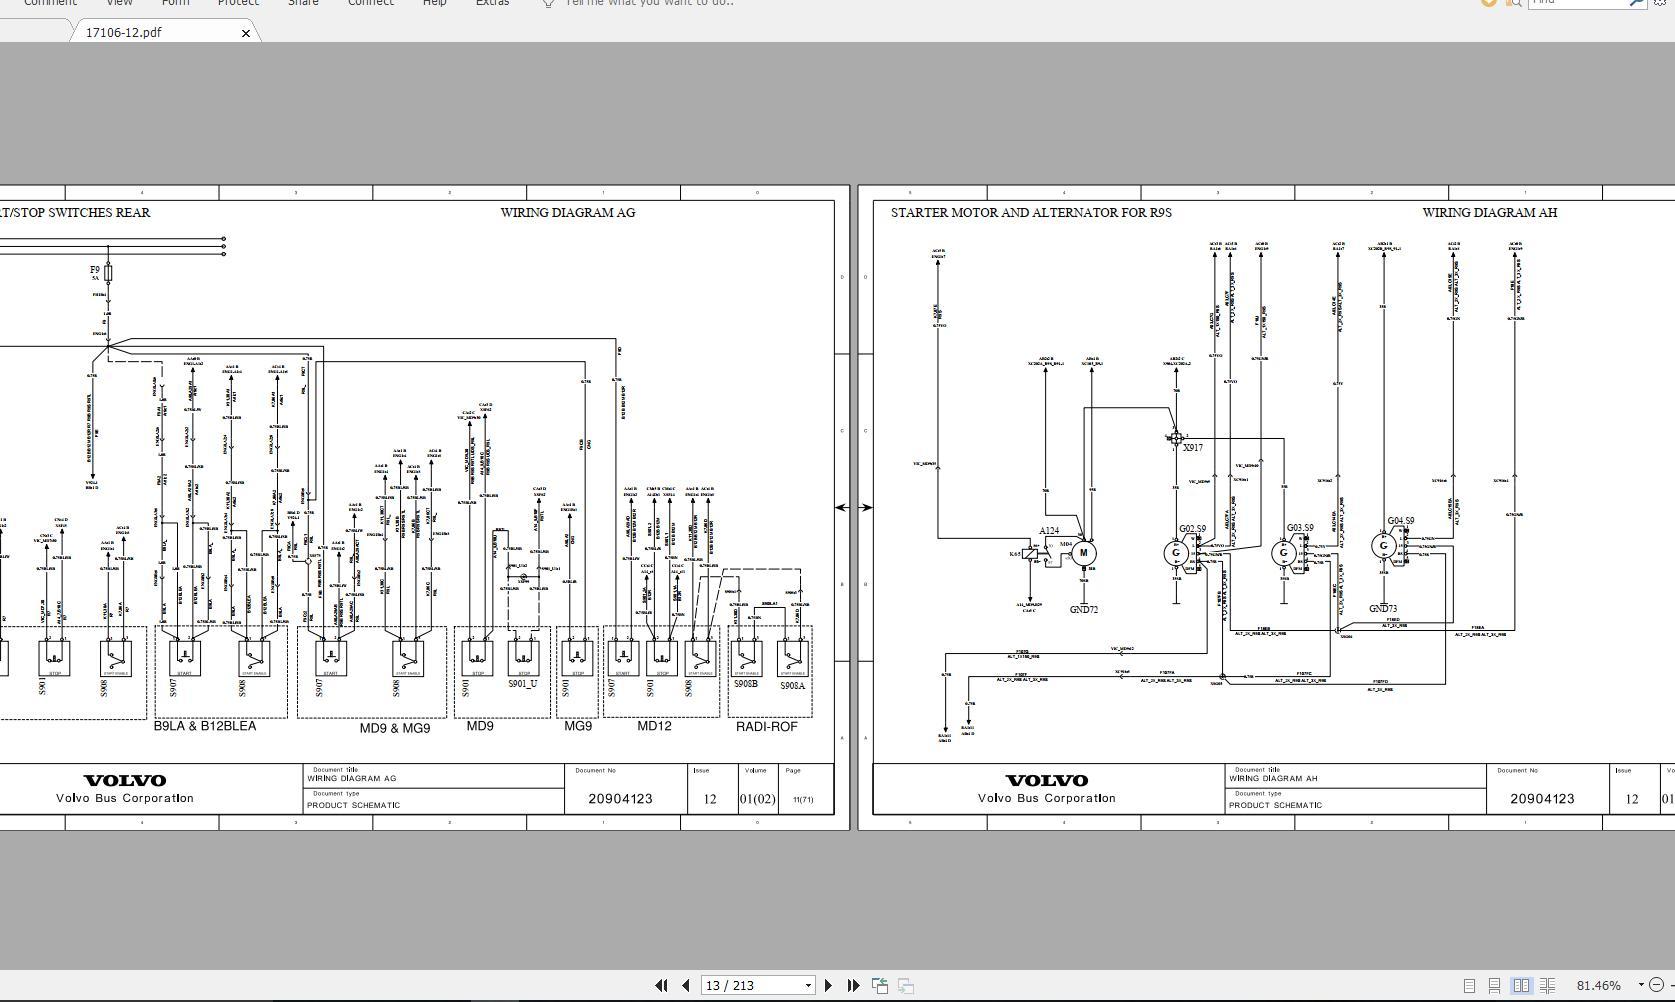 Volvo B12m Wiring Diagram - Wiring Diagram Direct shorts-crystal -  shorts-crystal.siciliabeb.it | Volvo B12b Wiring Diagram |  | shorts-crystal.siciliabeb.it